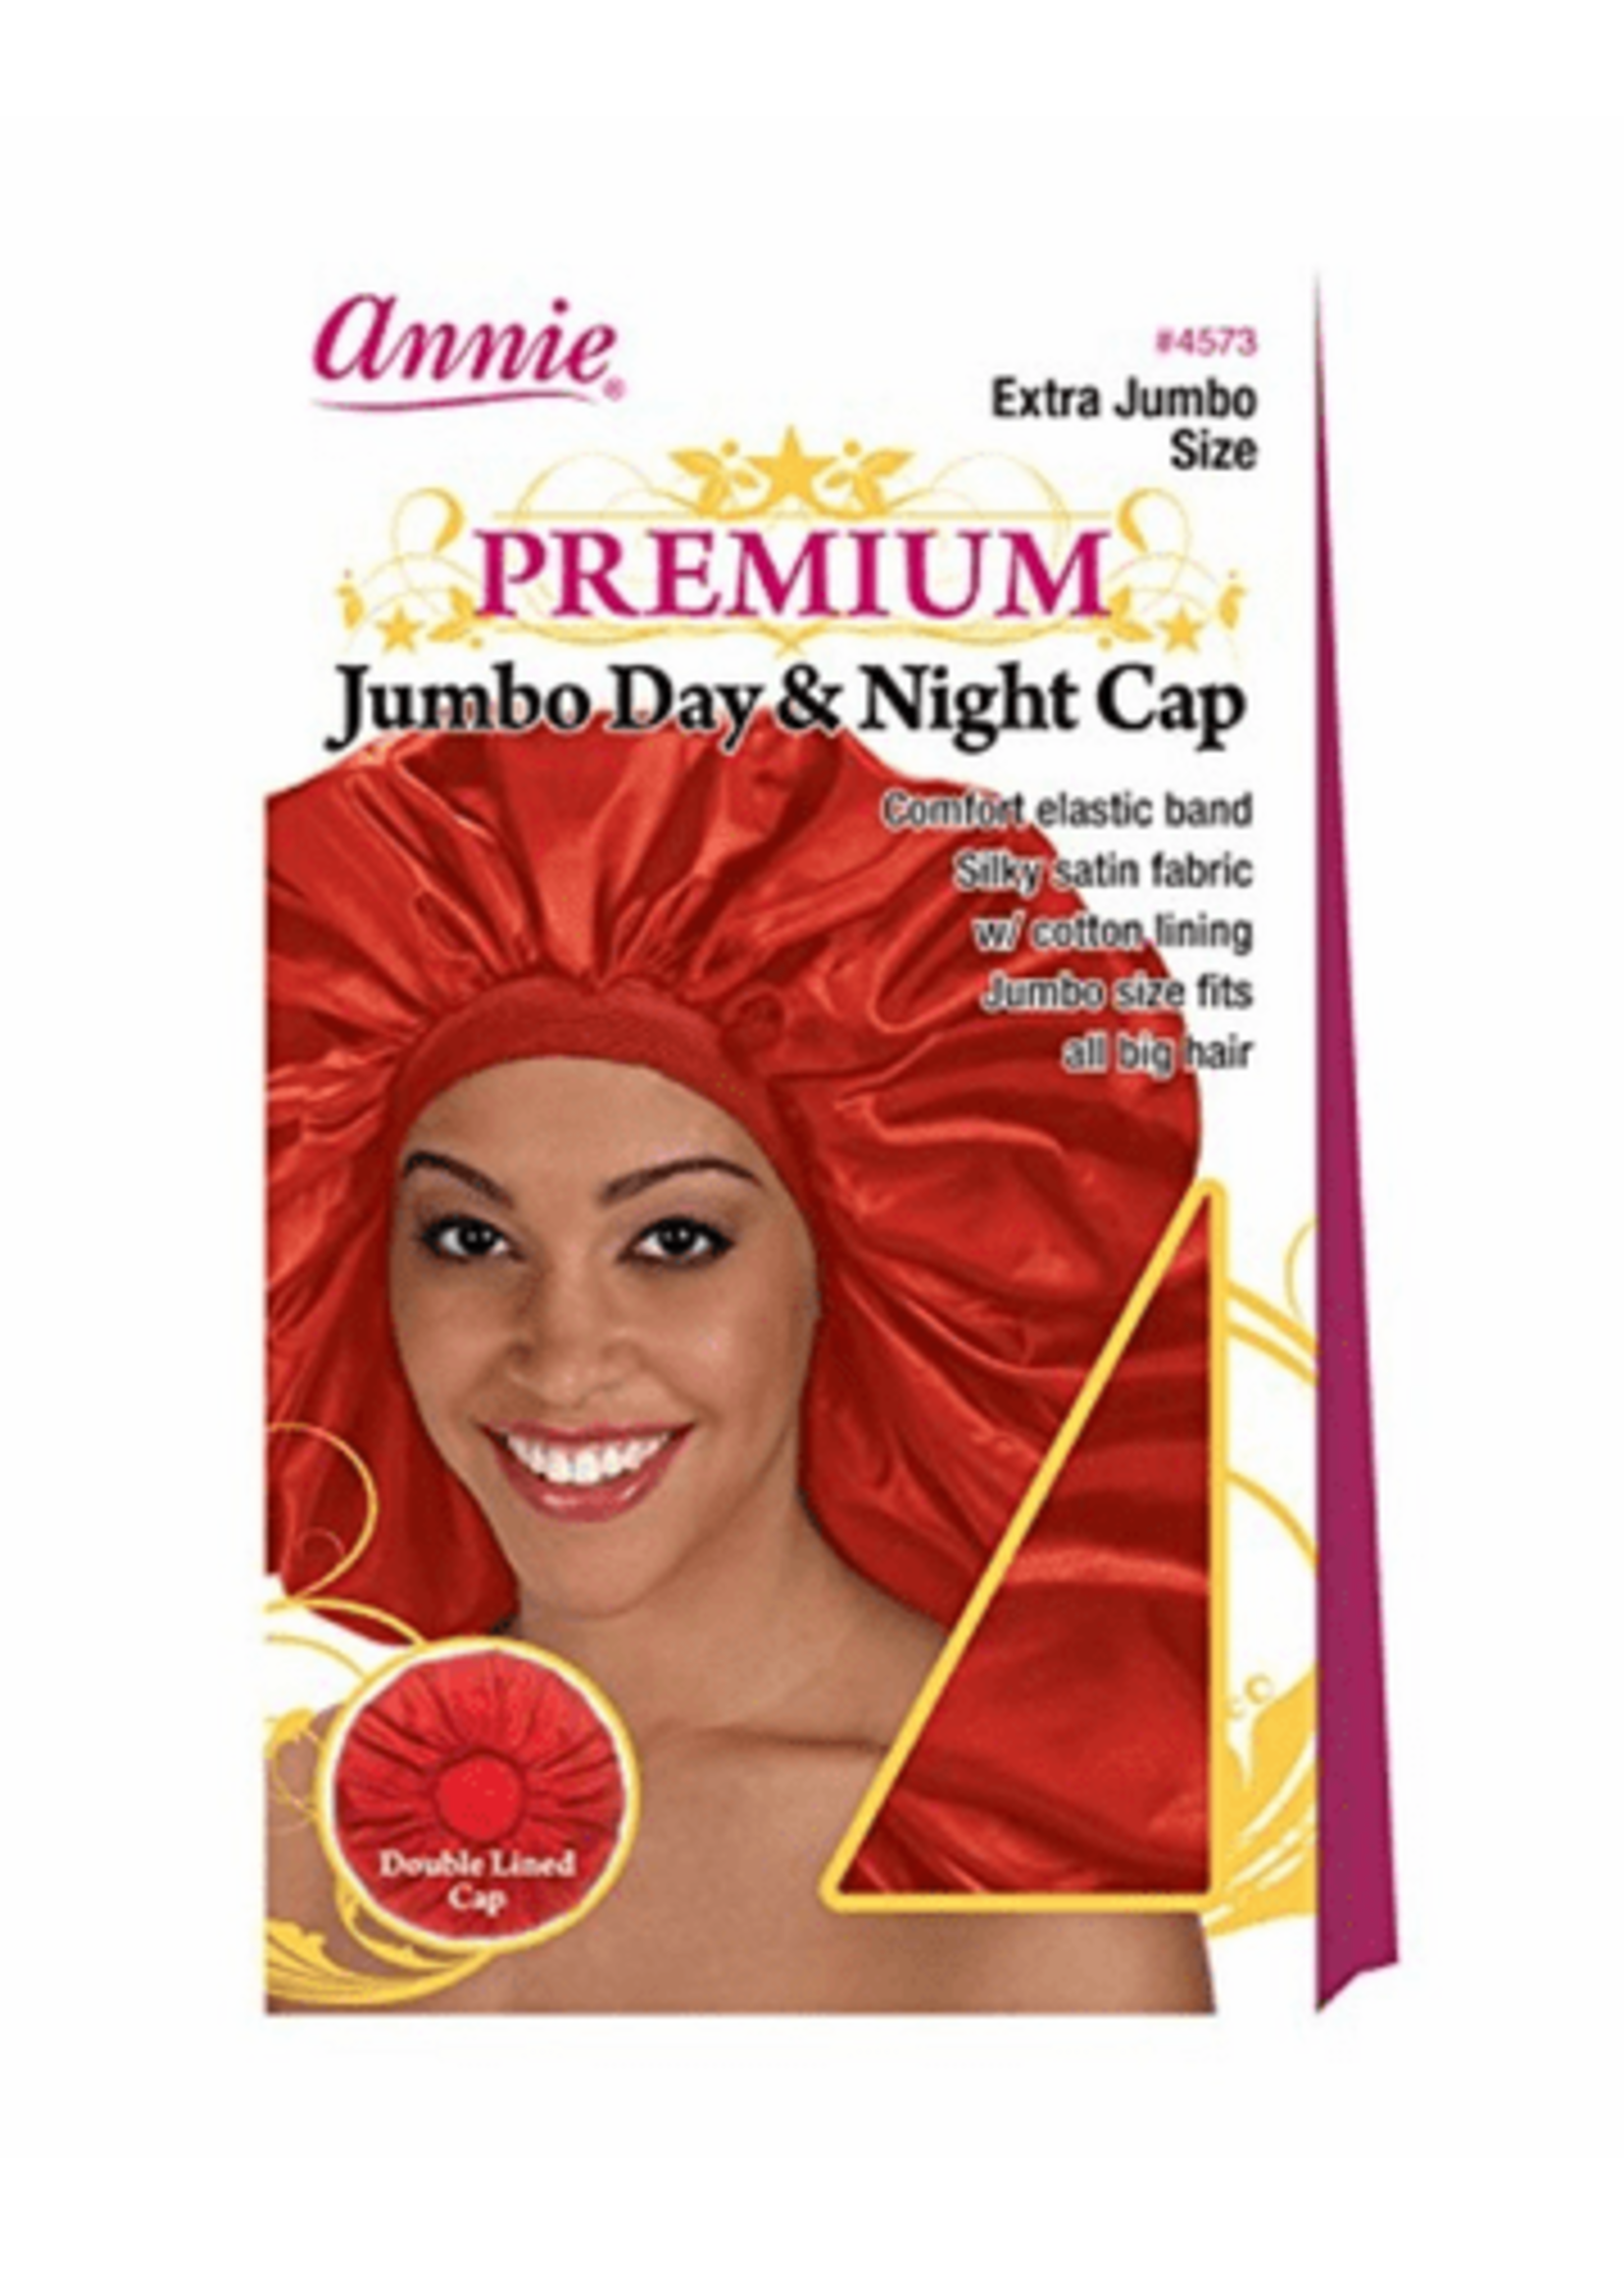 Jumbo Day & Night Cap Premium